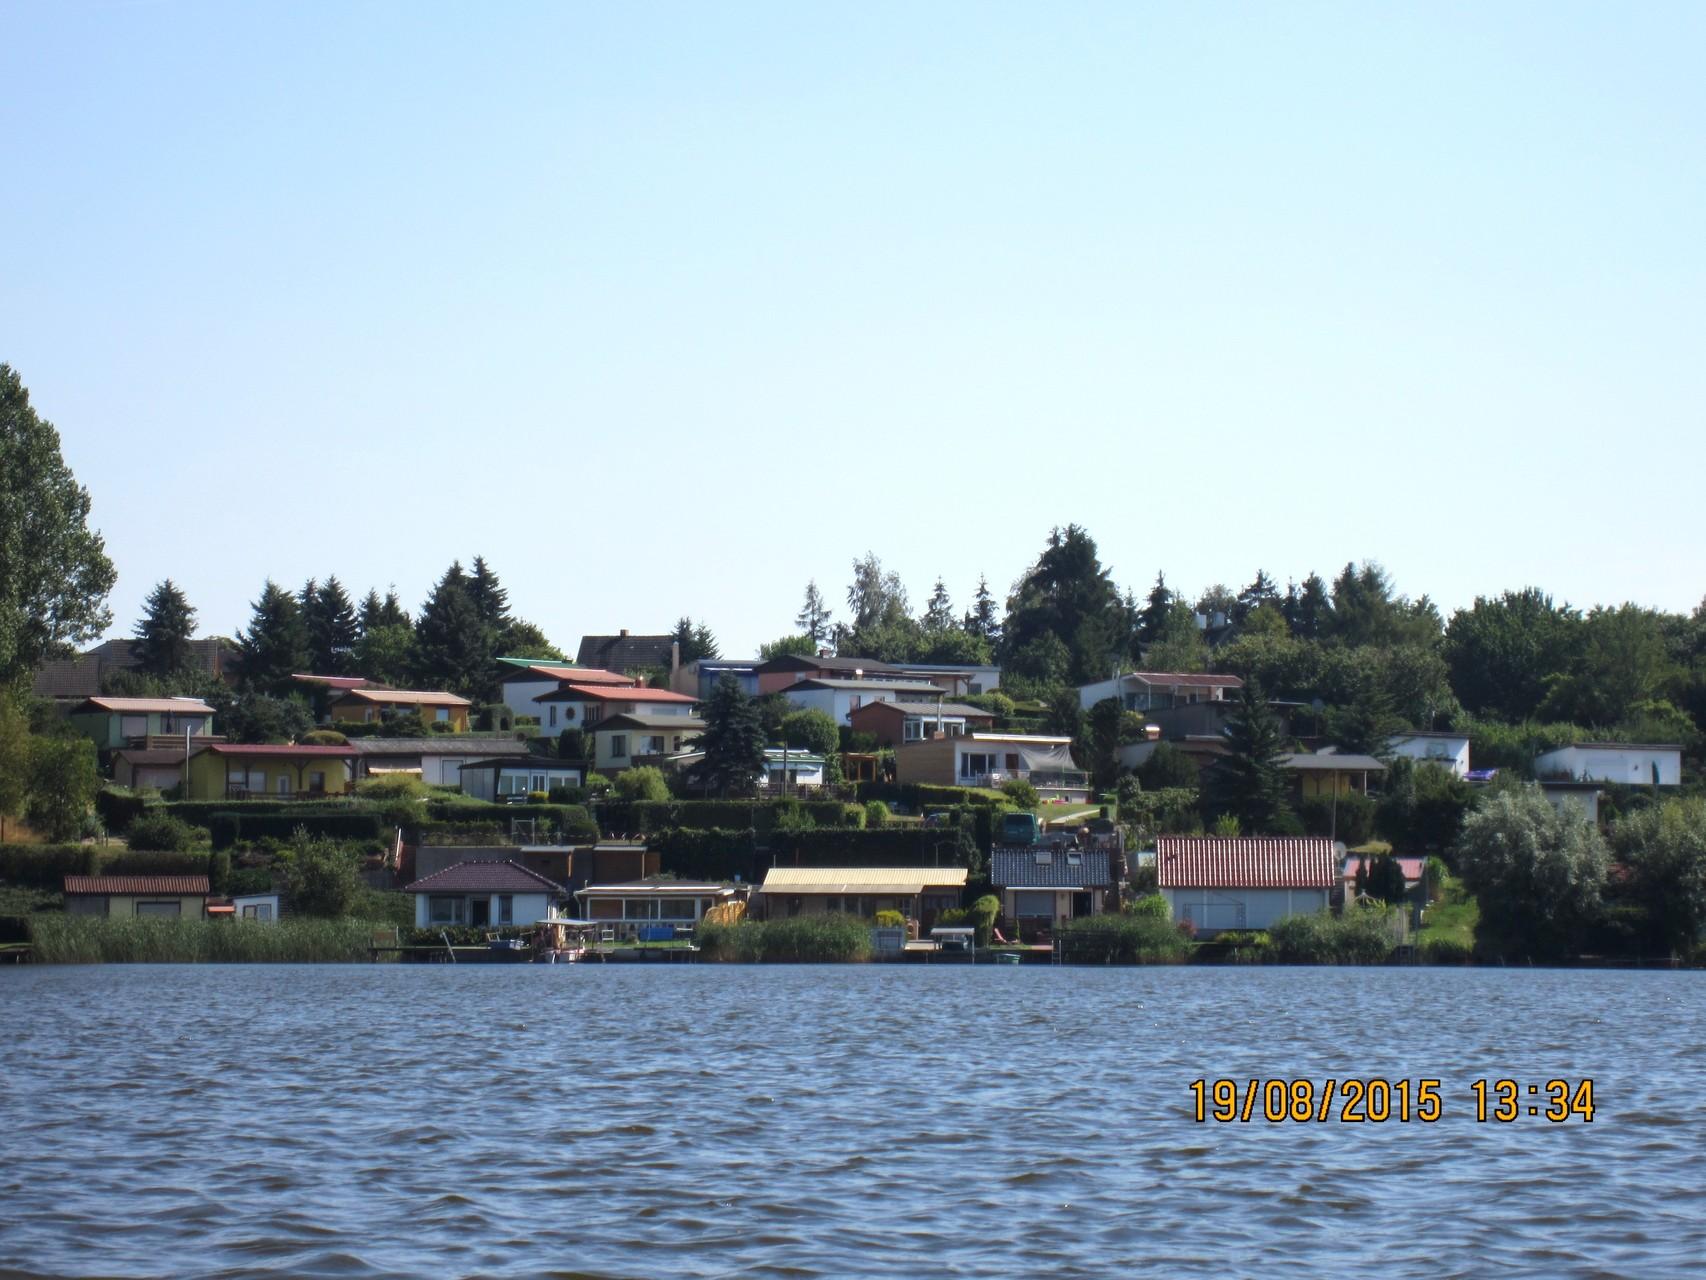 Blick auf die Bungalowsiedlung